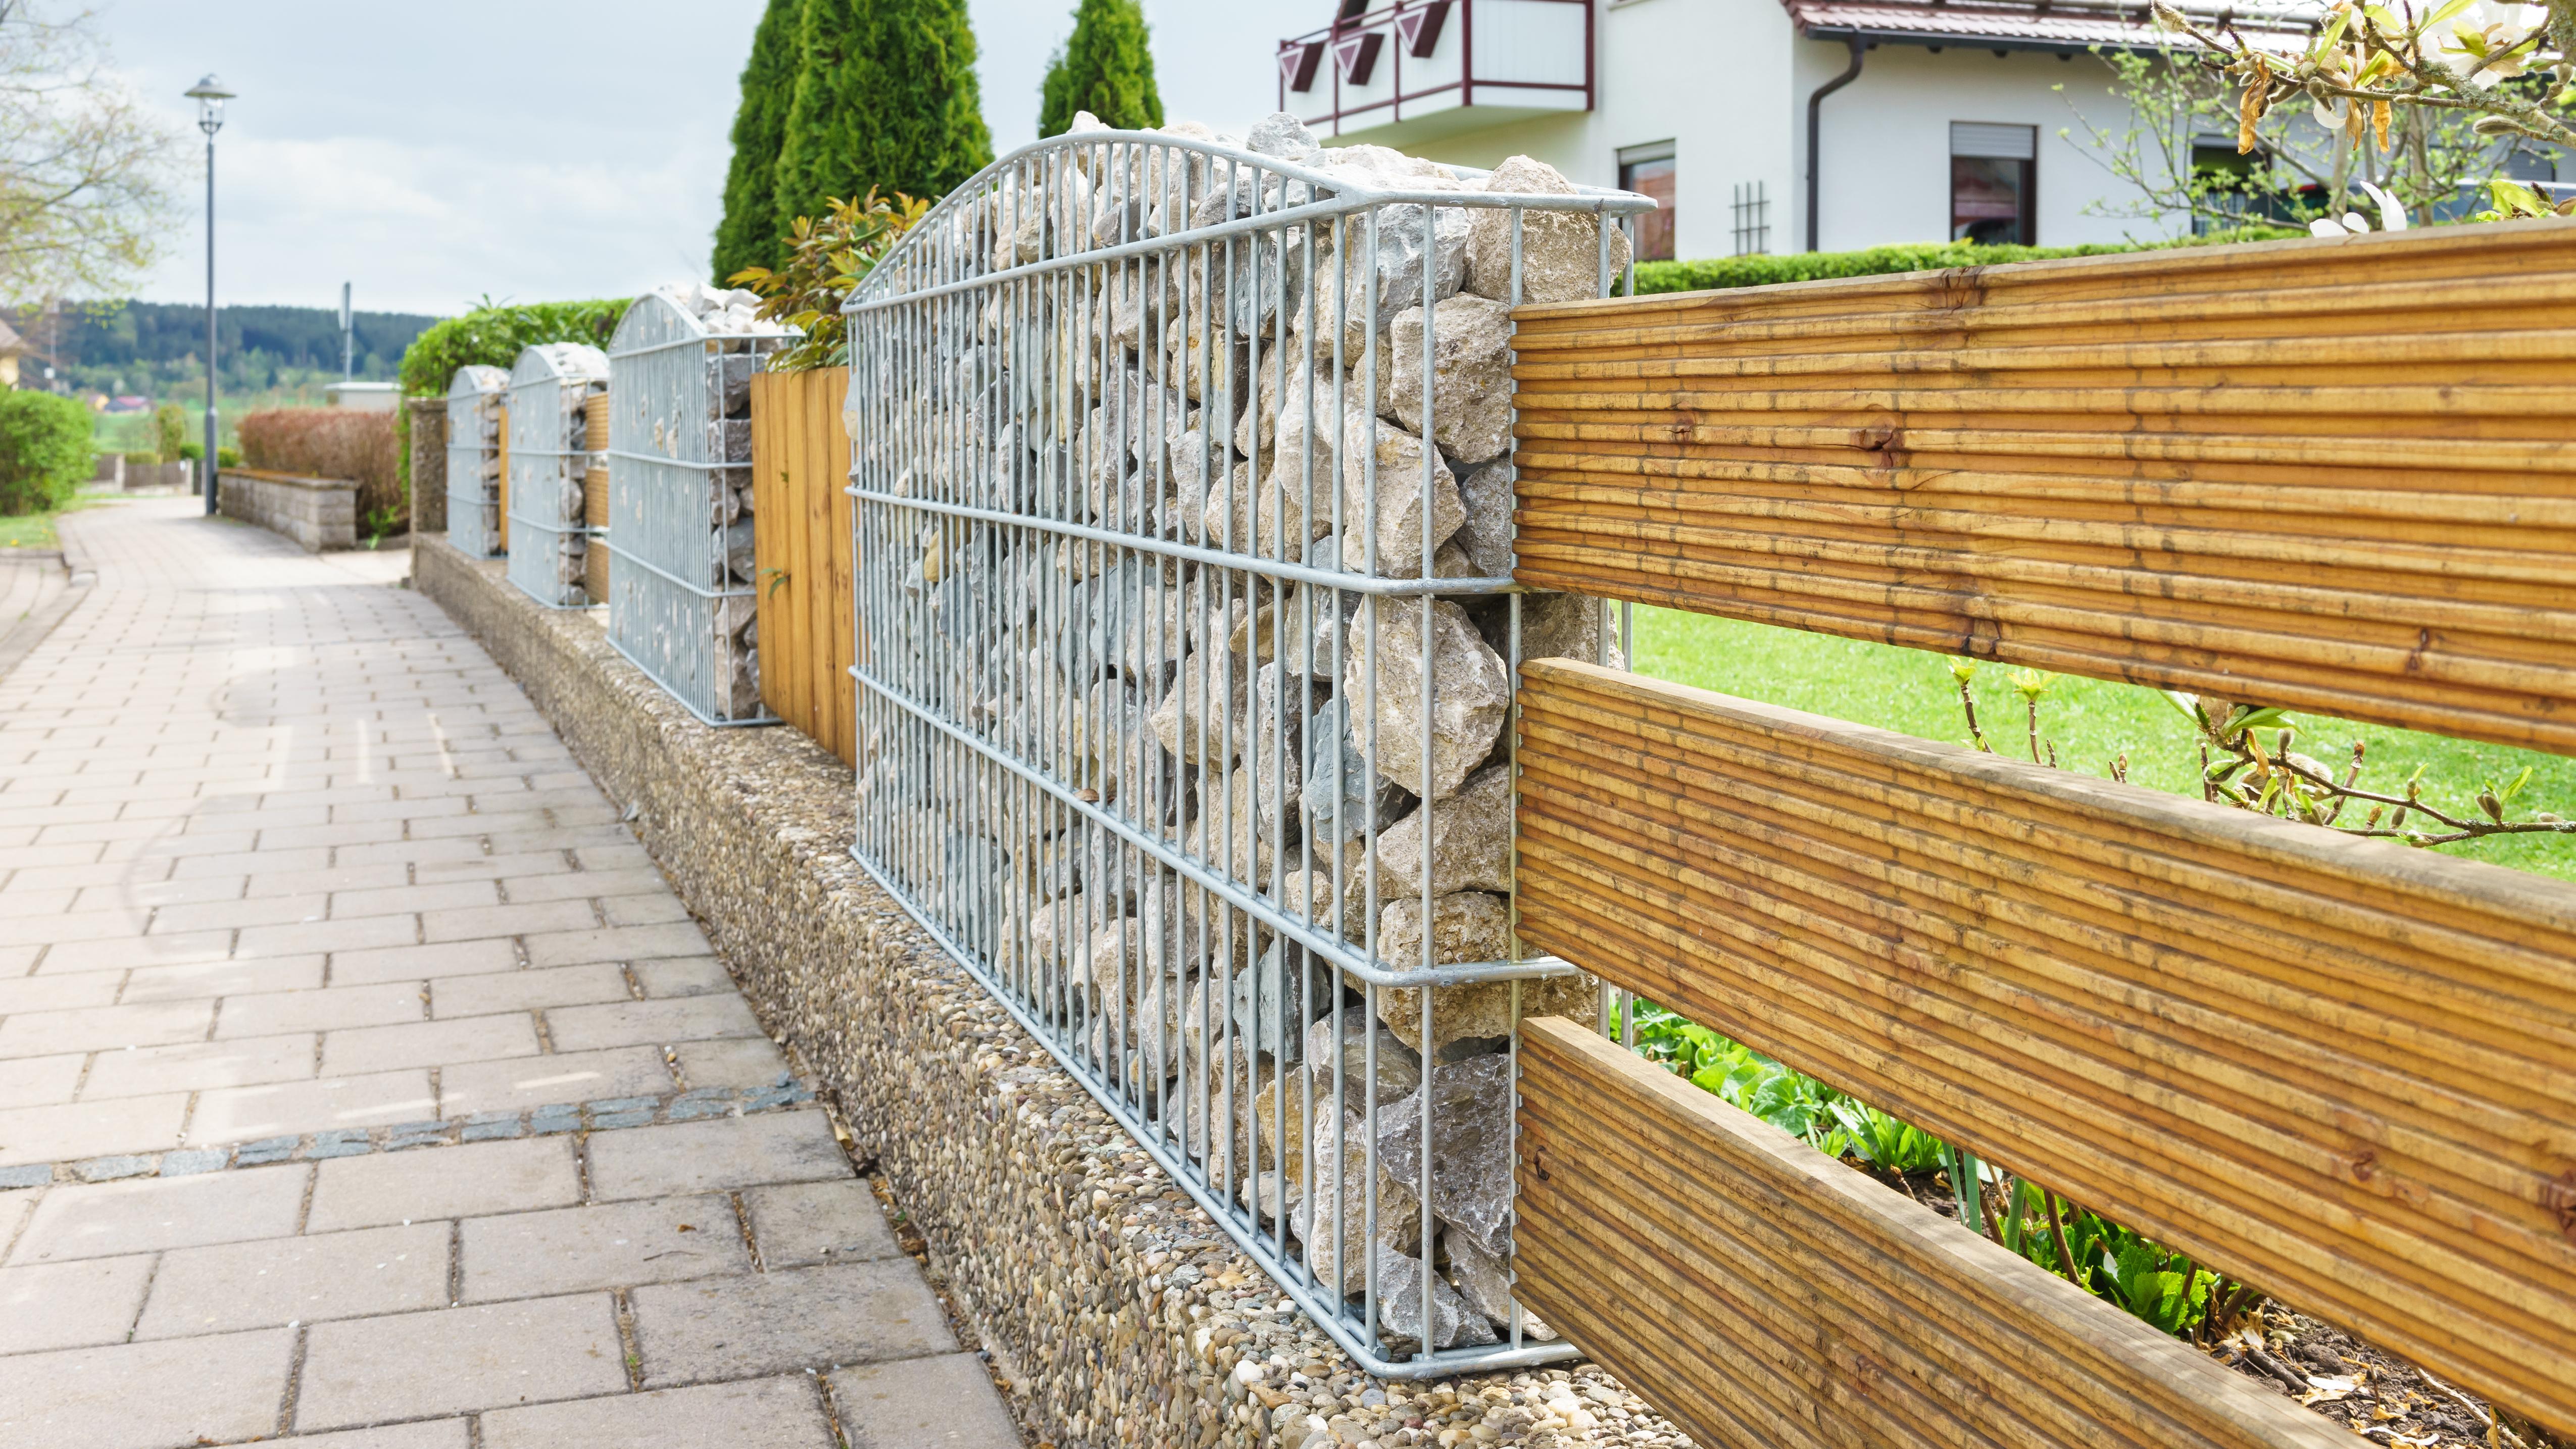 Grundstucksgrenze Das Gilt Es Bei Der Gartengestaltung Zu